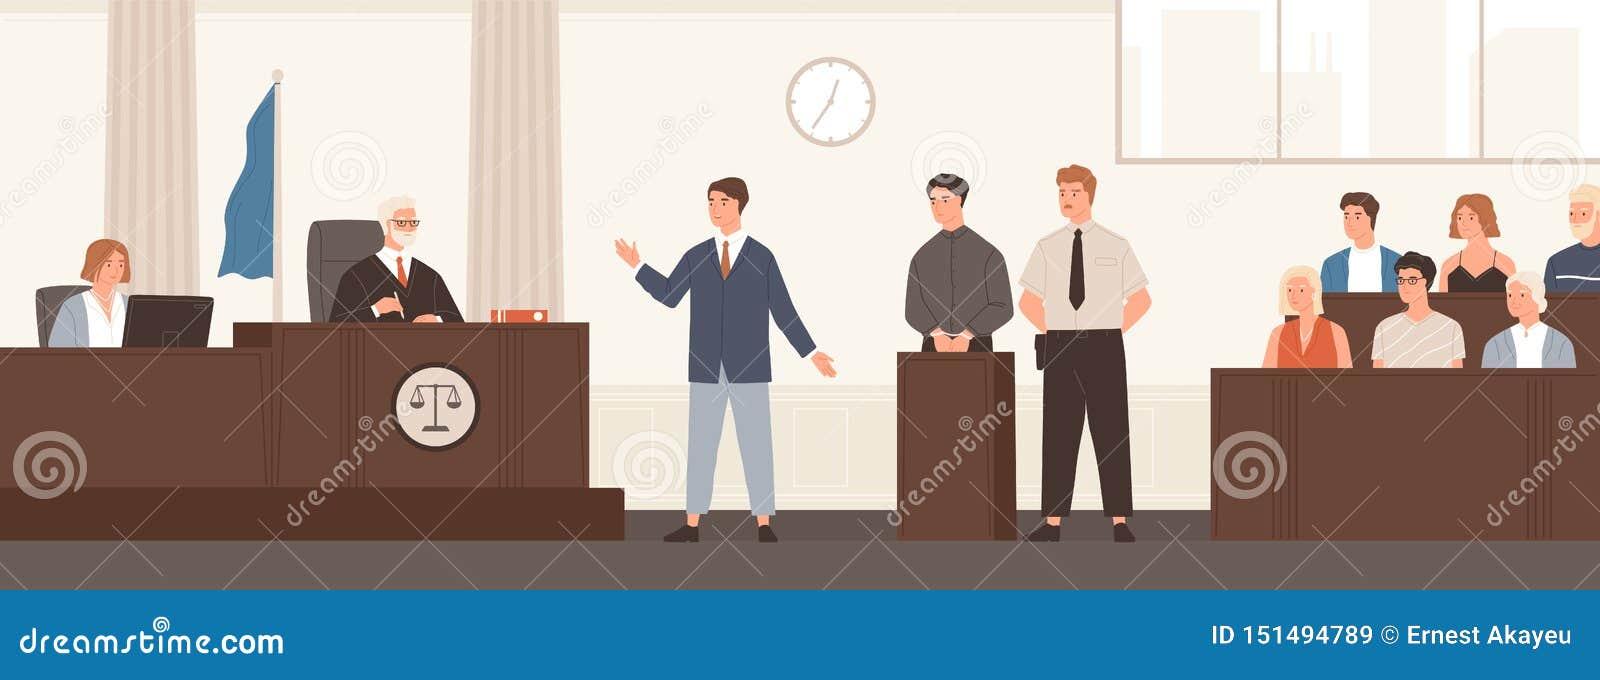 Verdediger of advocaat die toespraak in rechtszaal voor rechter en jury geven Wettelijke defensie, openbare hoorzitting en misdad